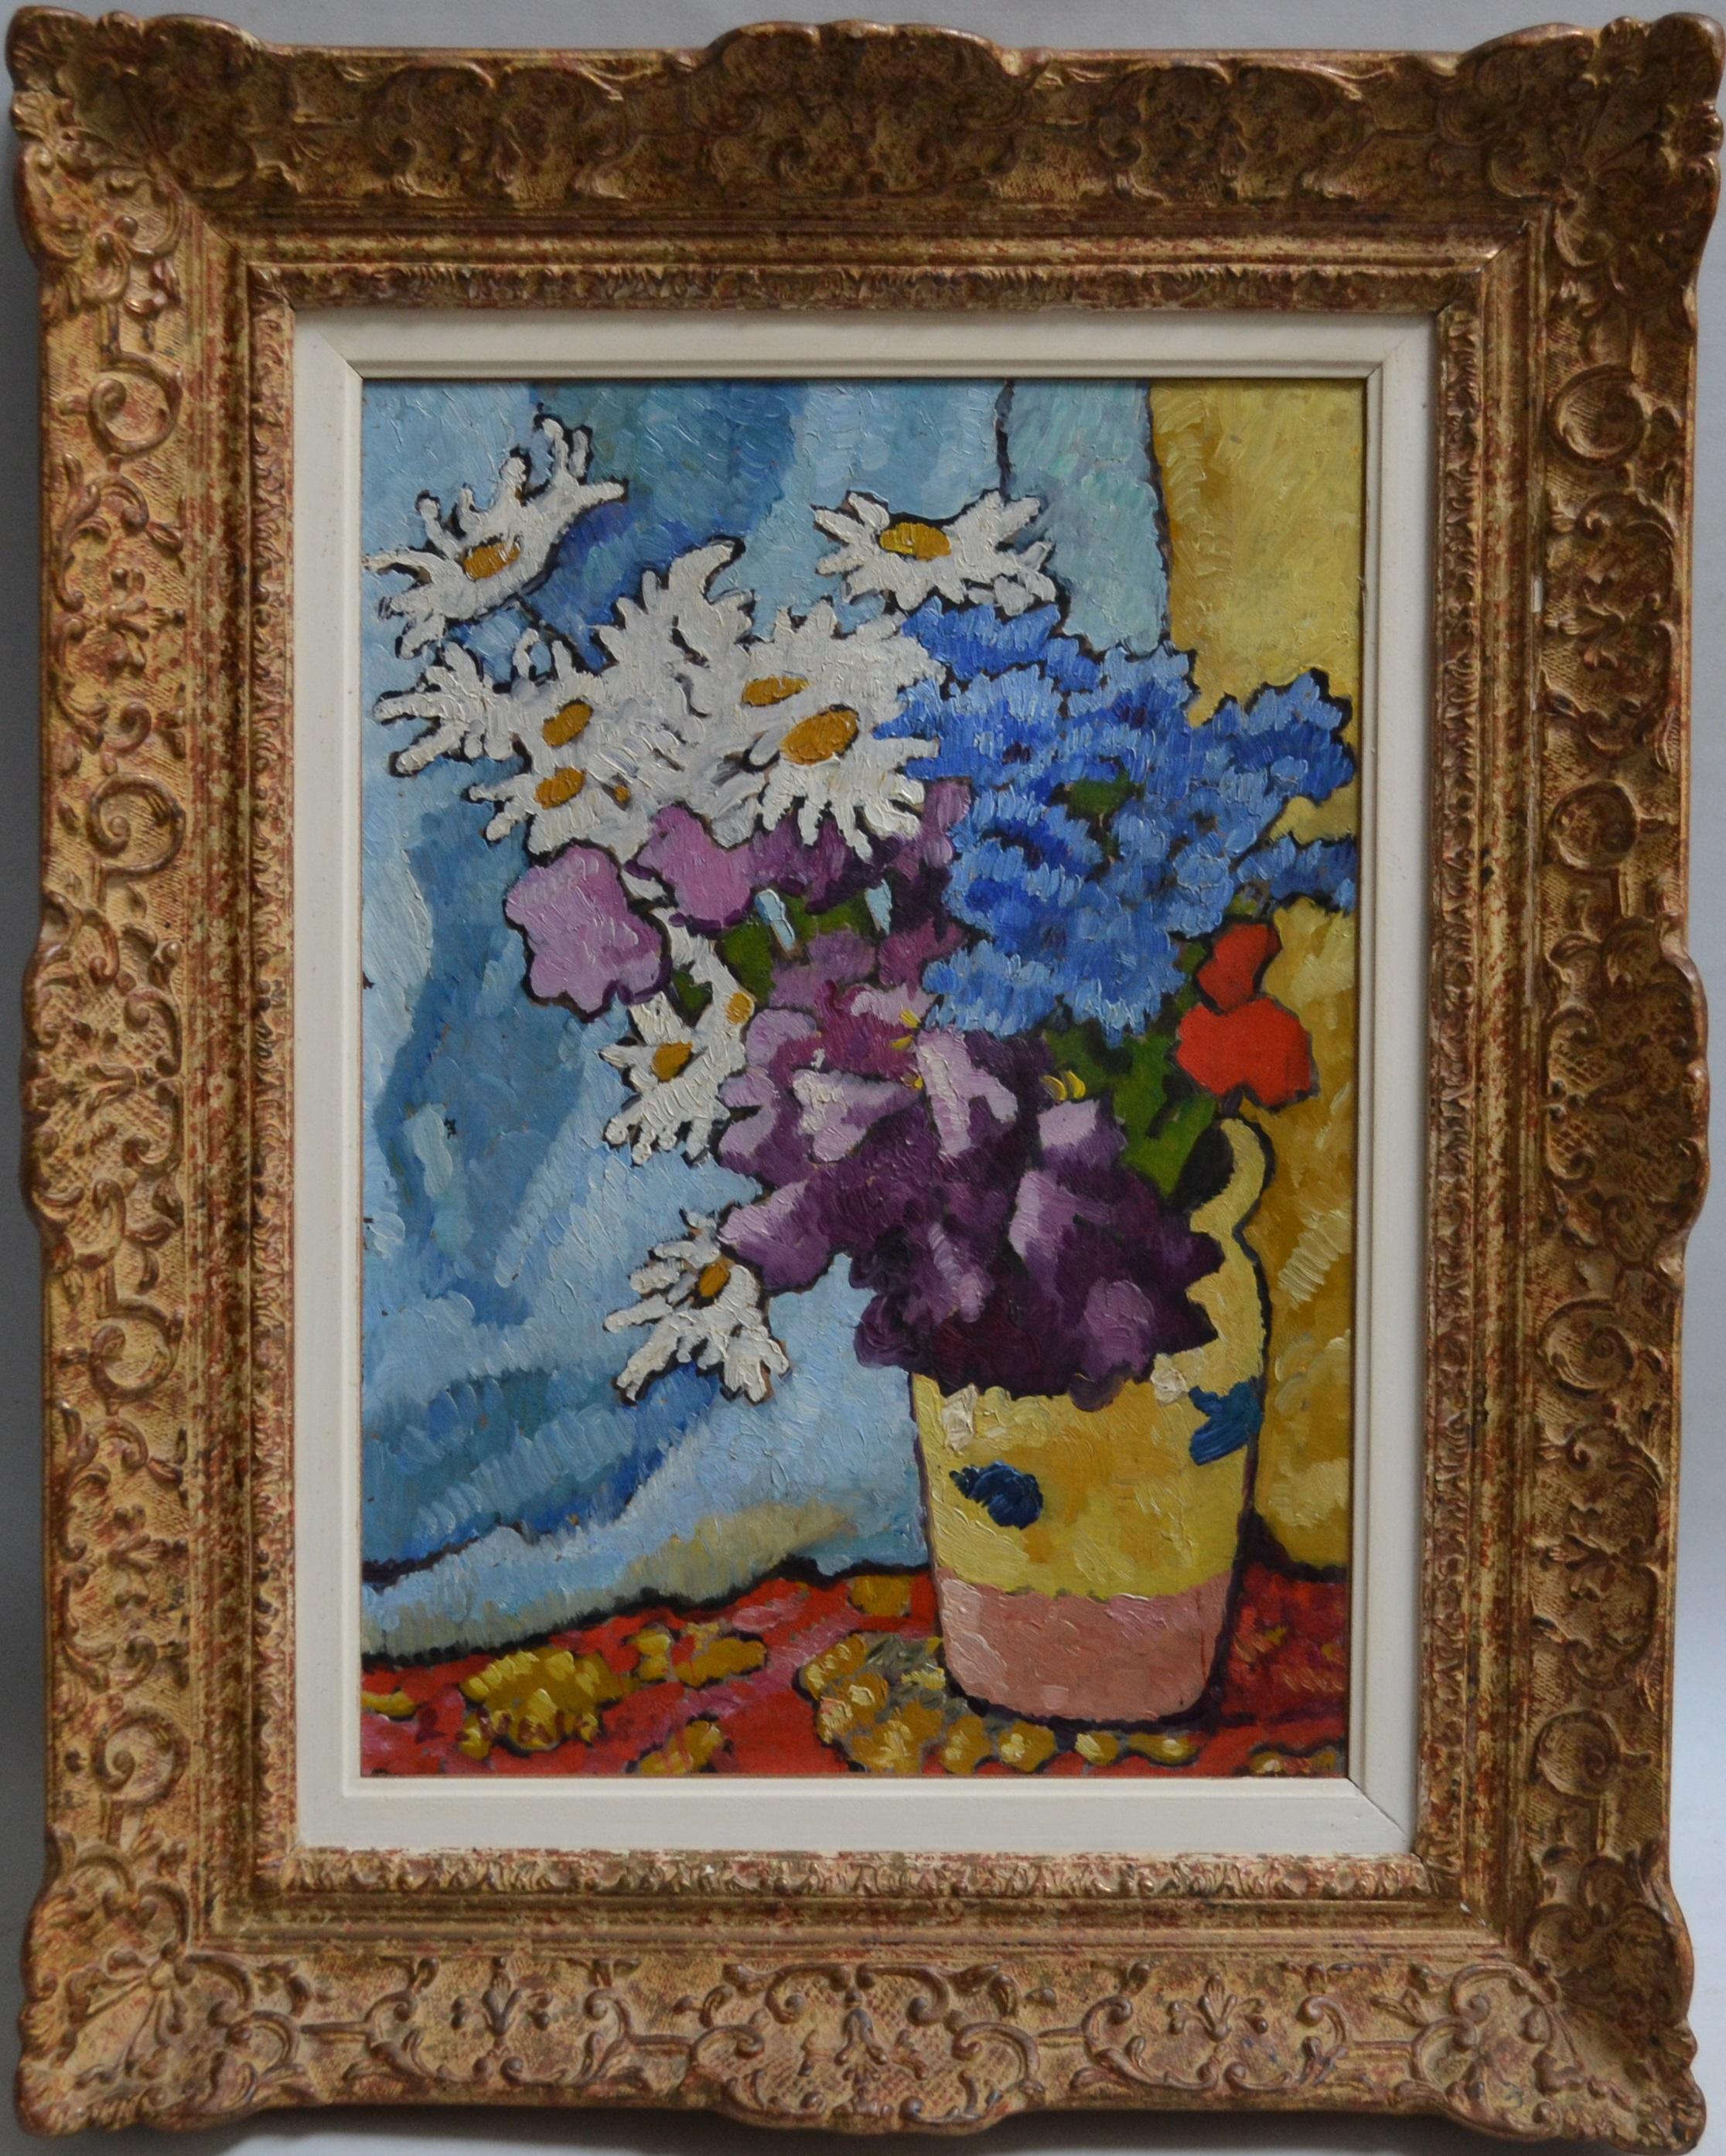 Vente NANTES : Tableaux Anciens, Modernes et Contemporains chez Couton Veyrac Jamault : 241 lots